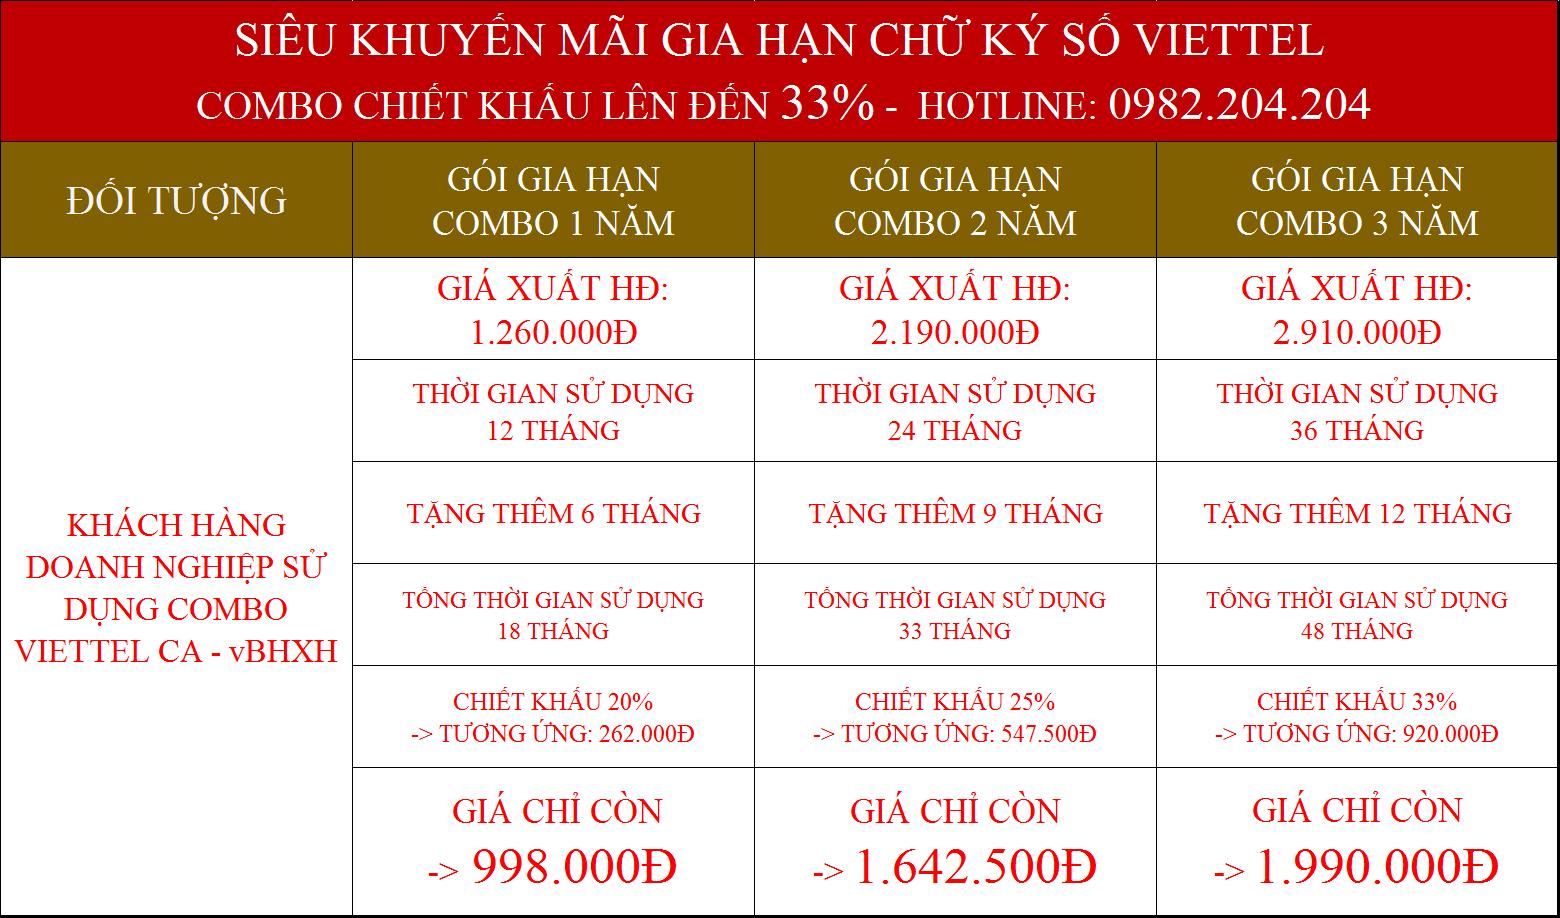 Gia Hạn chữ ký số Viettel Tuyên Quang combo kèm vBHXH